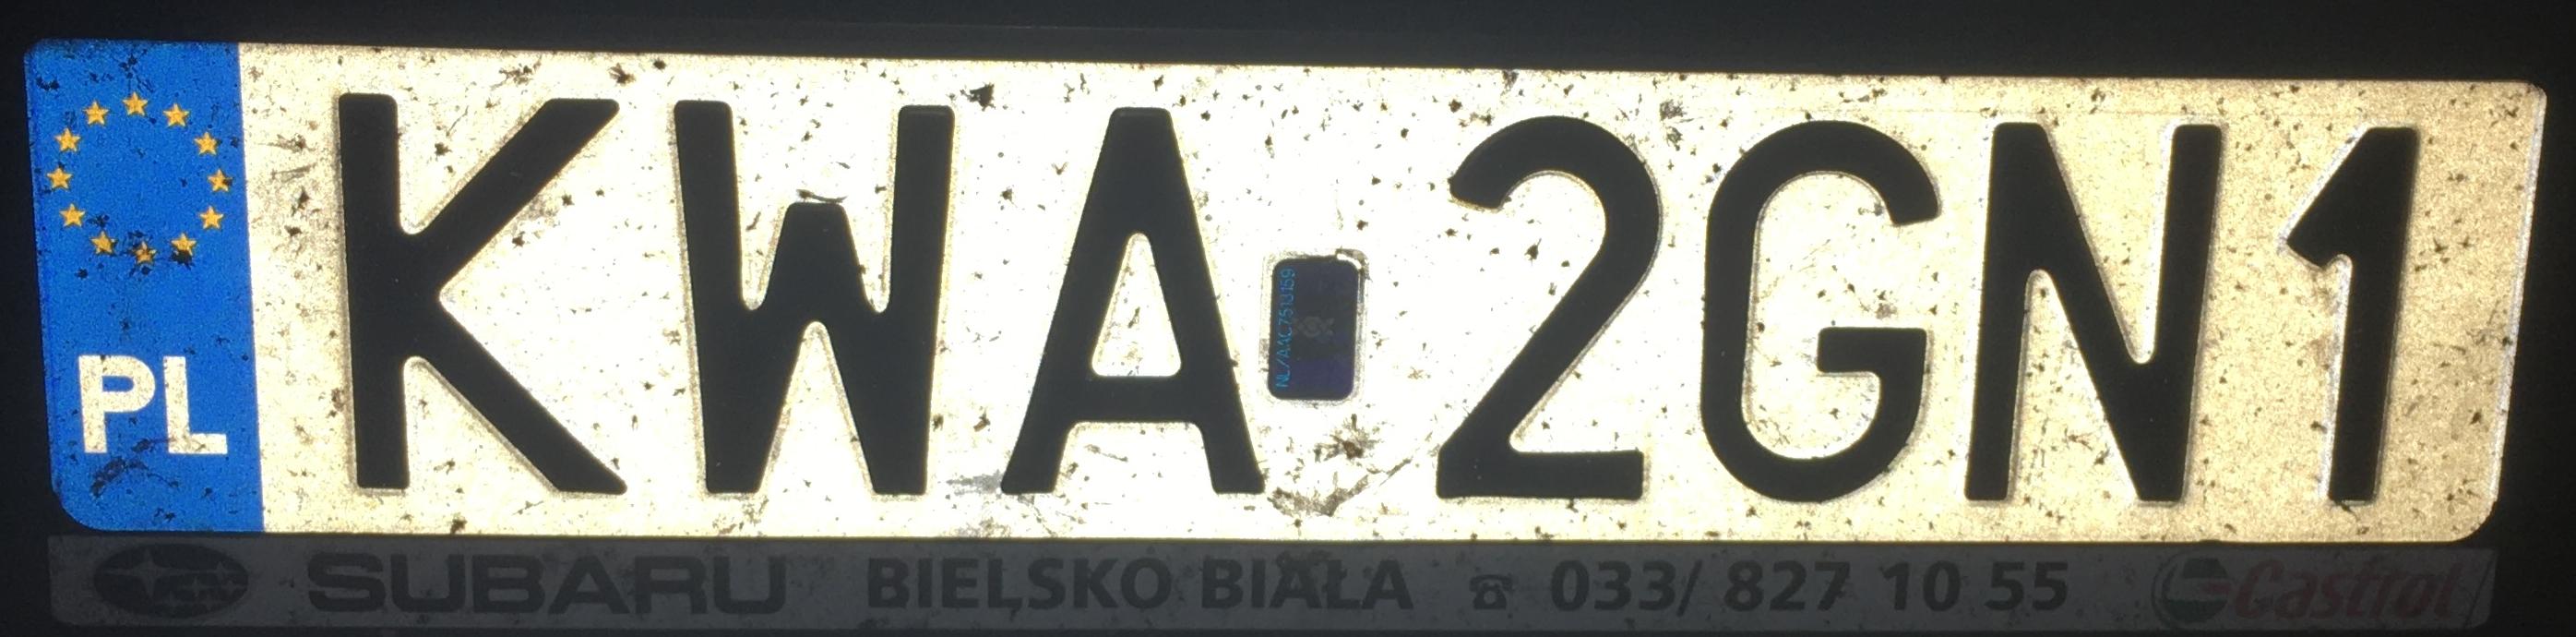 Registrační značka Polsko – KWA - Wadowice, foto: www.podalnici.cz